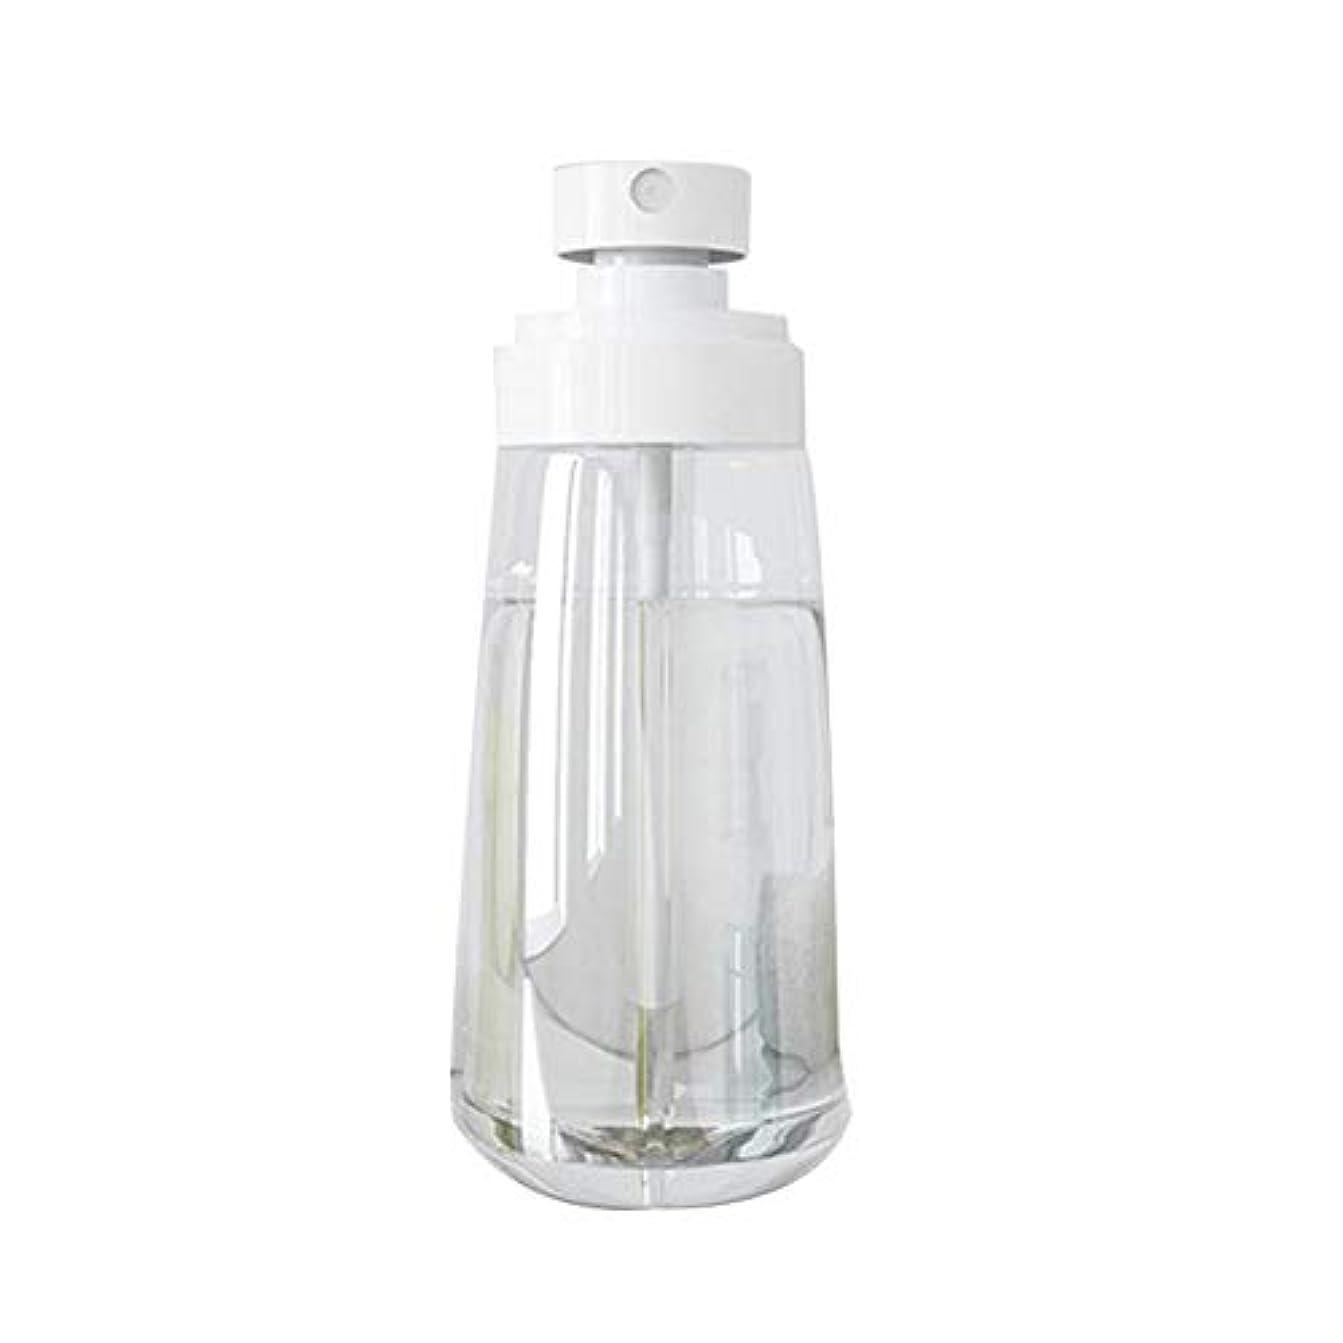 むしゃむしゃ補充直面するLUERME スプレーボルト 60ml PET製 化粧水の詰替用 極細のミストを噴霧する 旅行用の霧吹き 小分けの容器 アルコール消毒用 アトマイザー